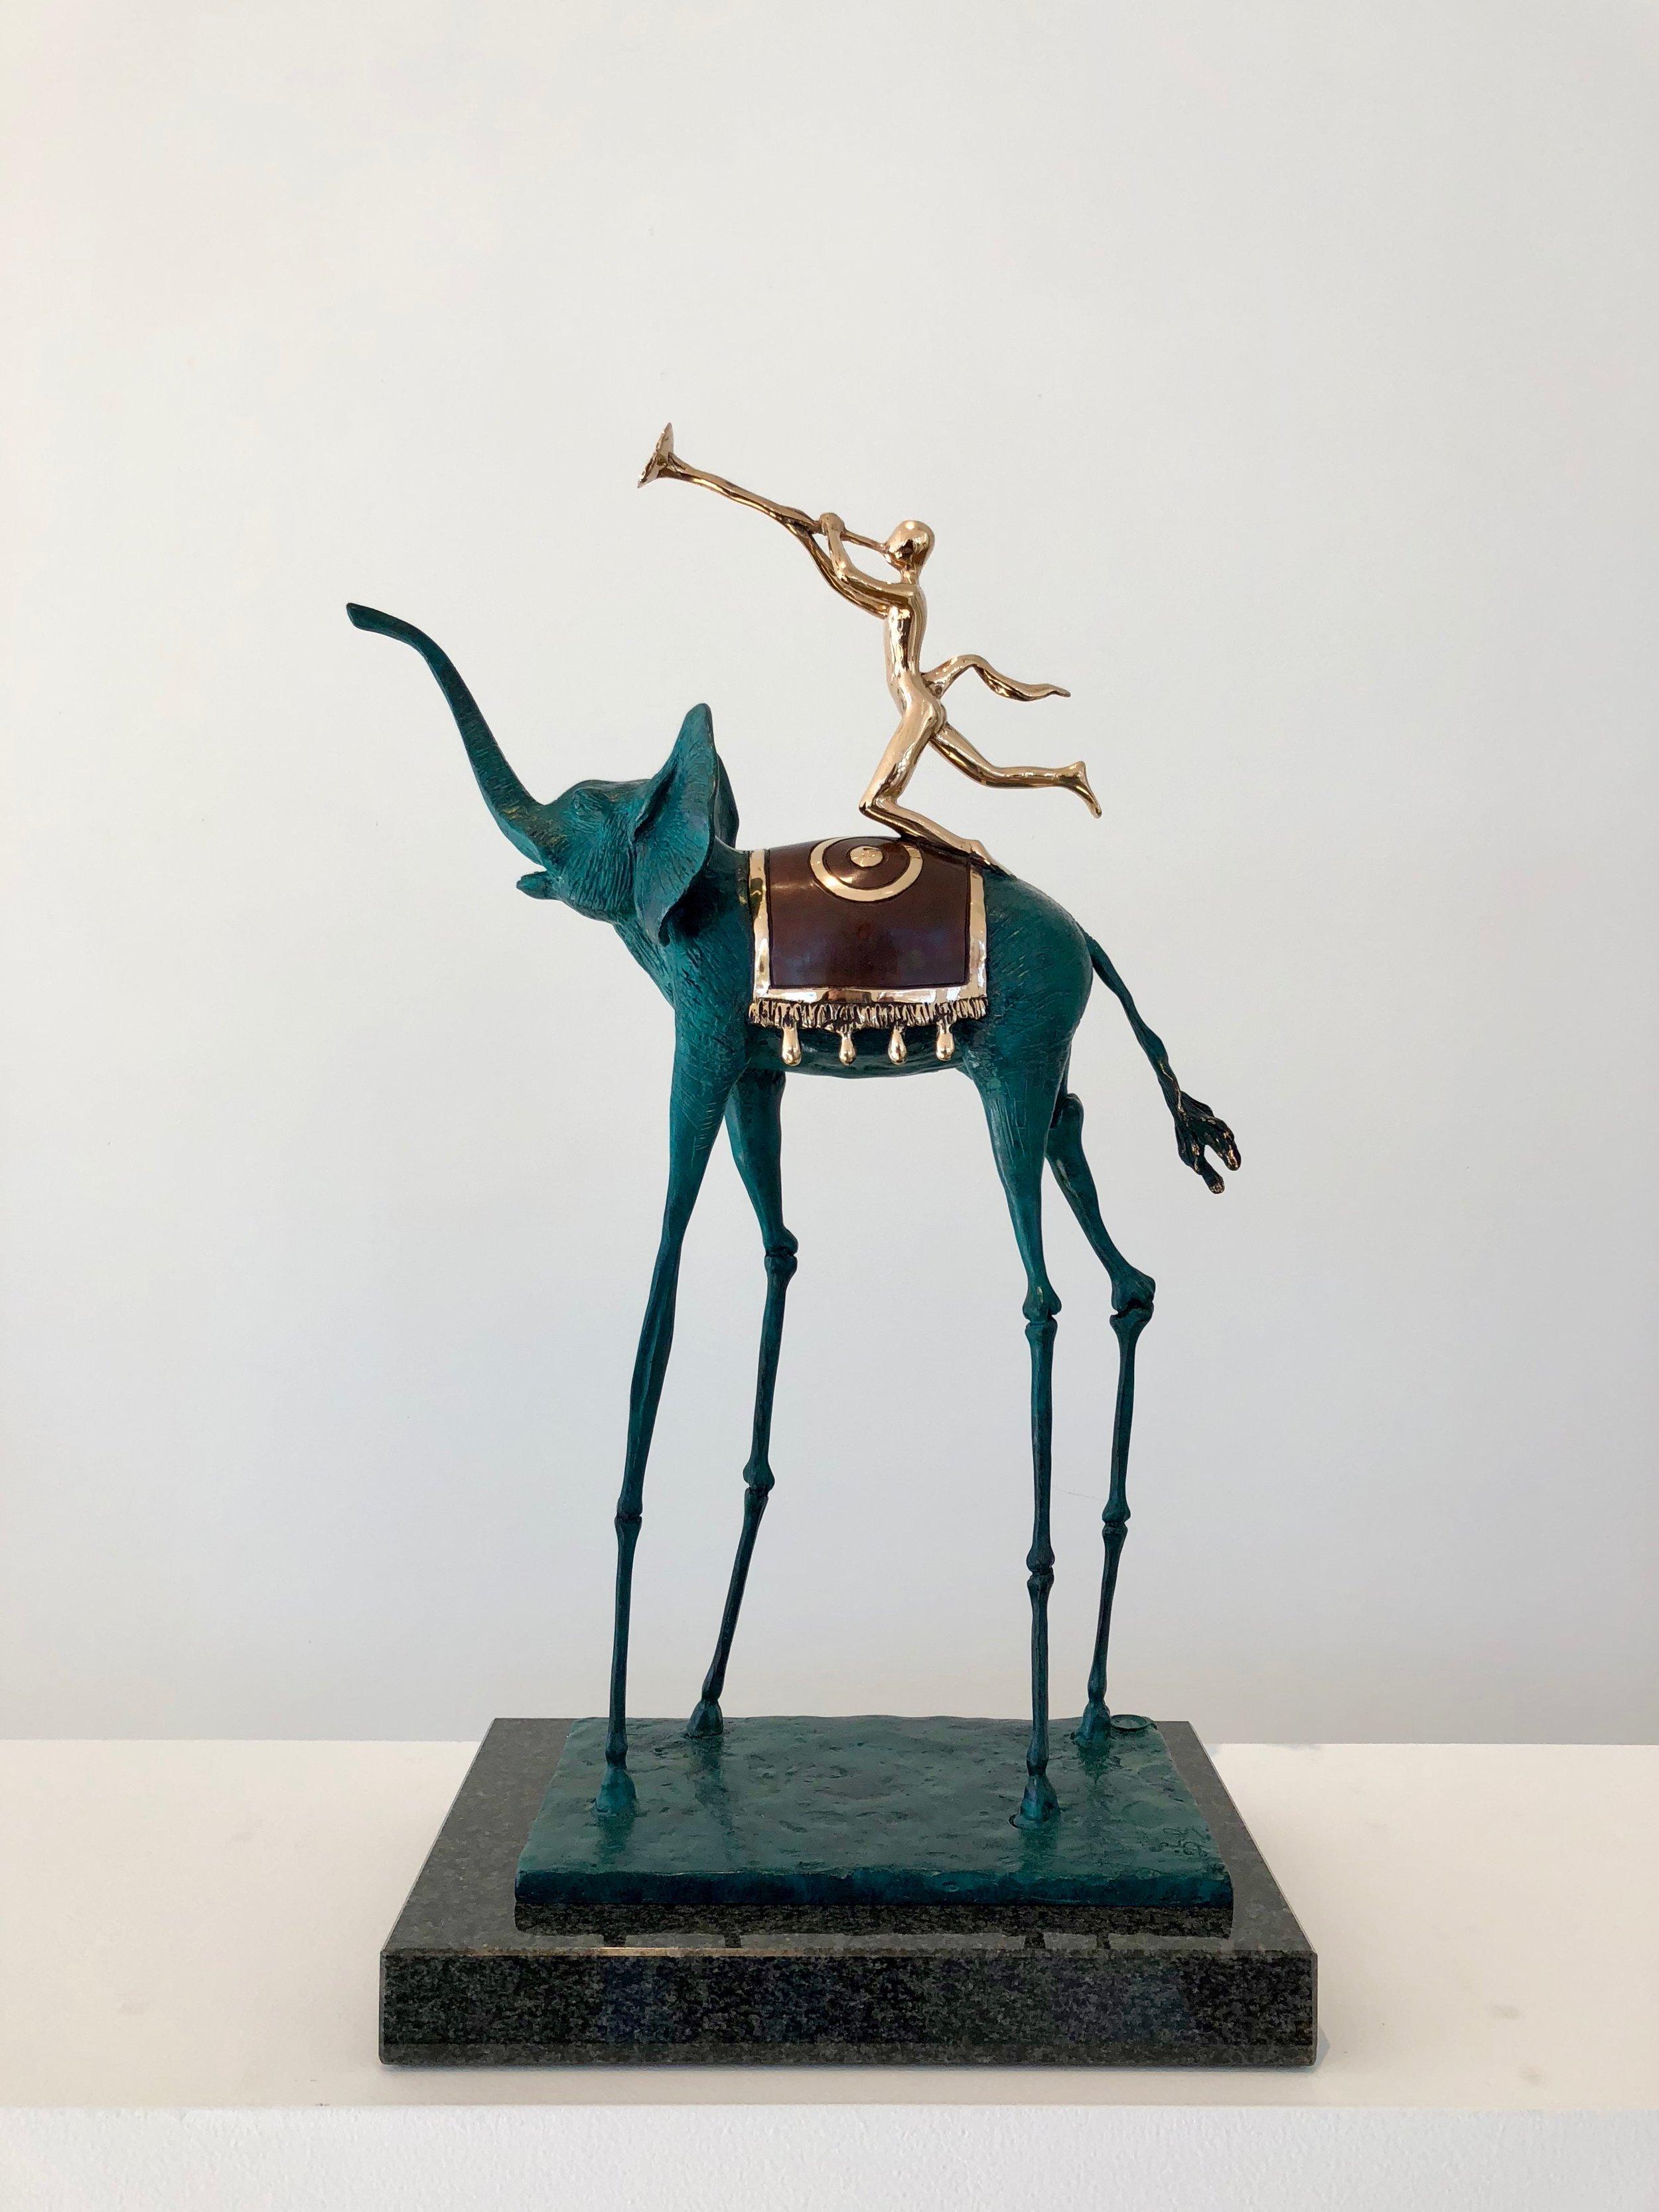 Triumphant Elephant , 1975-1984 Bronze 20 110/127h x 12 26/127w x 8 34/127d inches